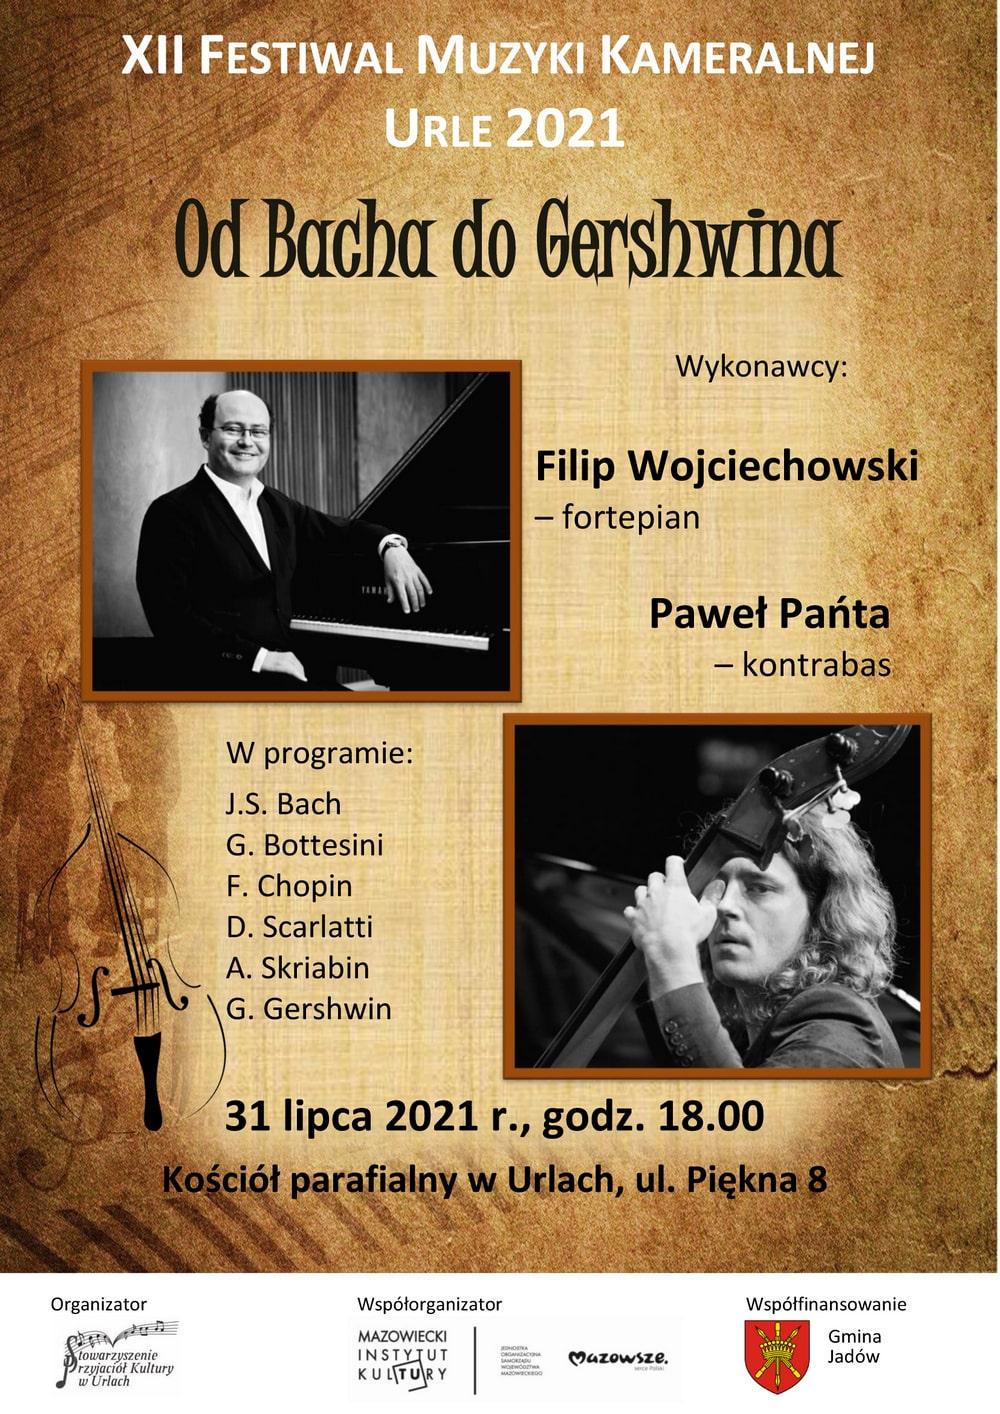 plakat: zdjęcia wykonawców oraz napis 12 festiwal muzyki kameralnej w urlach